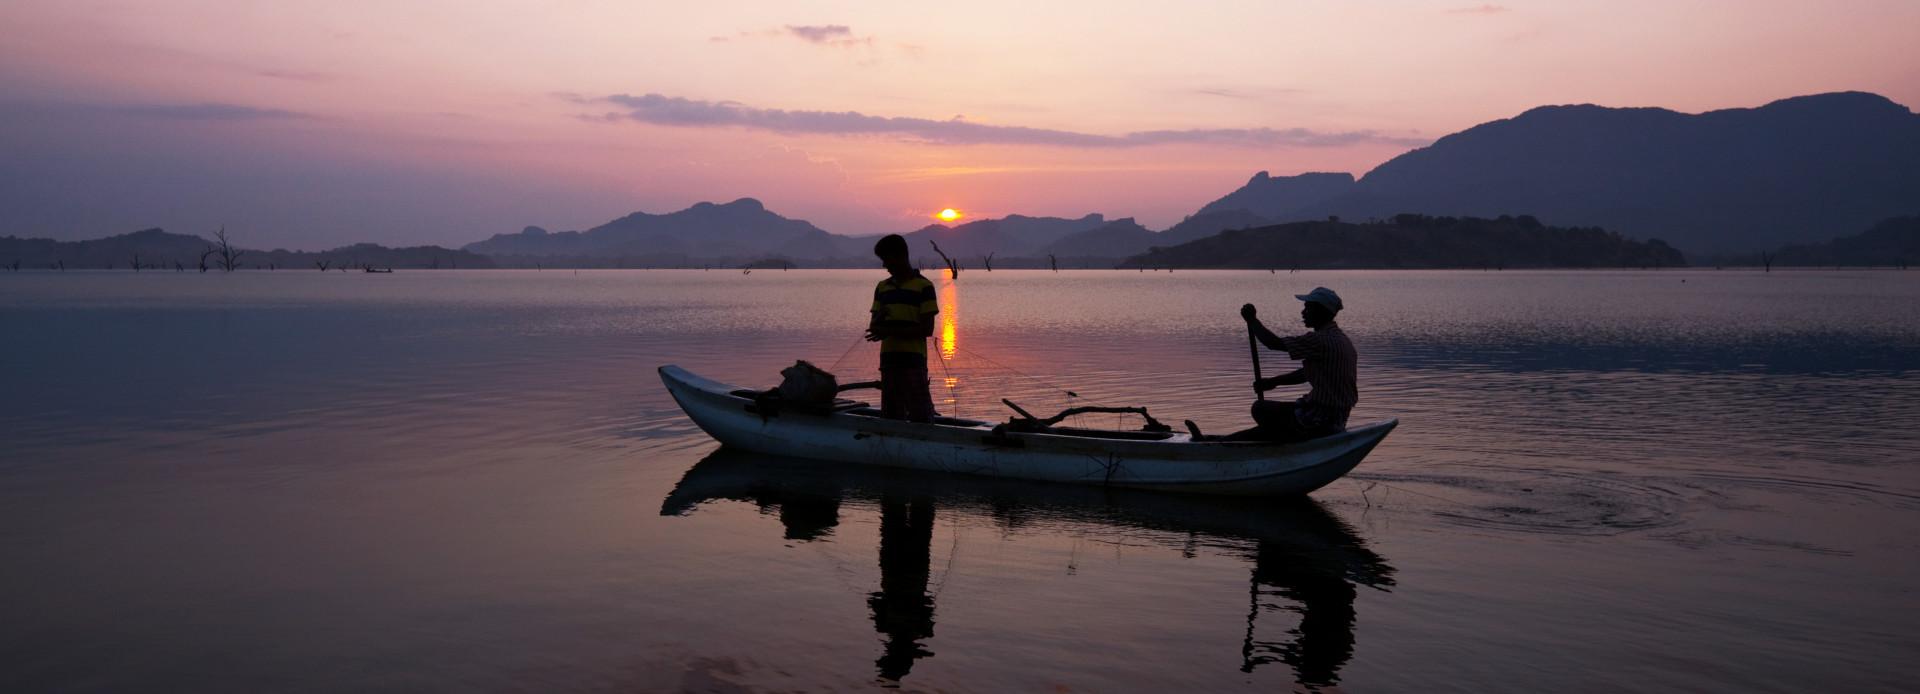 Sri Lanka Fischer im Sonnenuntergang